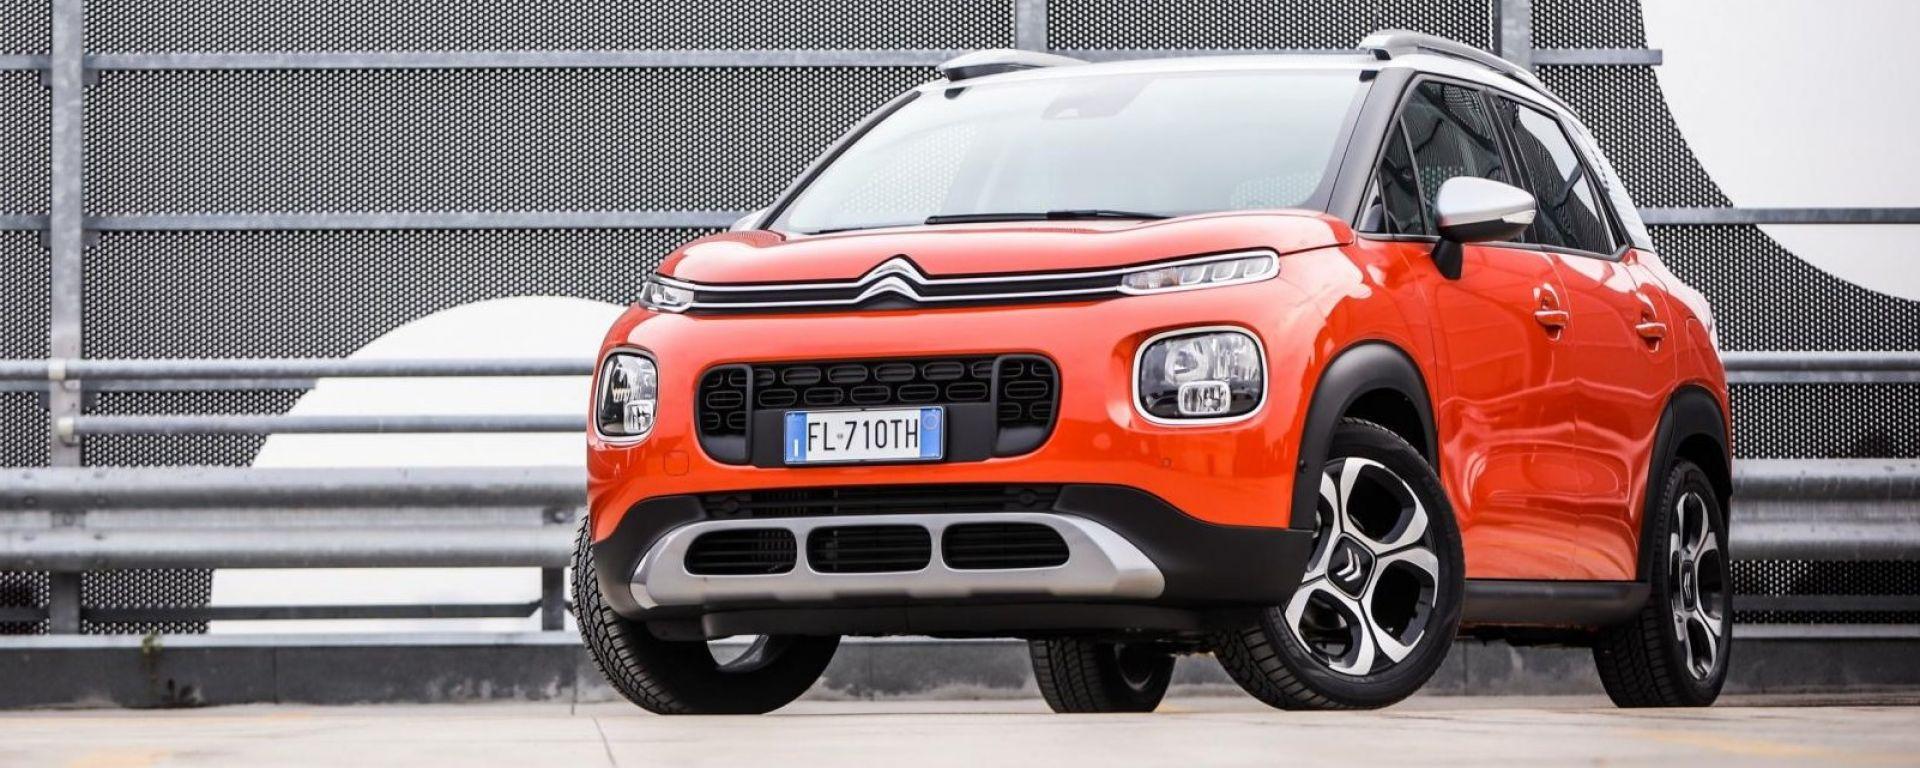 Citroën C3 Aircross: ecco perché non è il solito SUV compatto